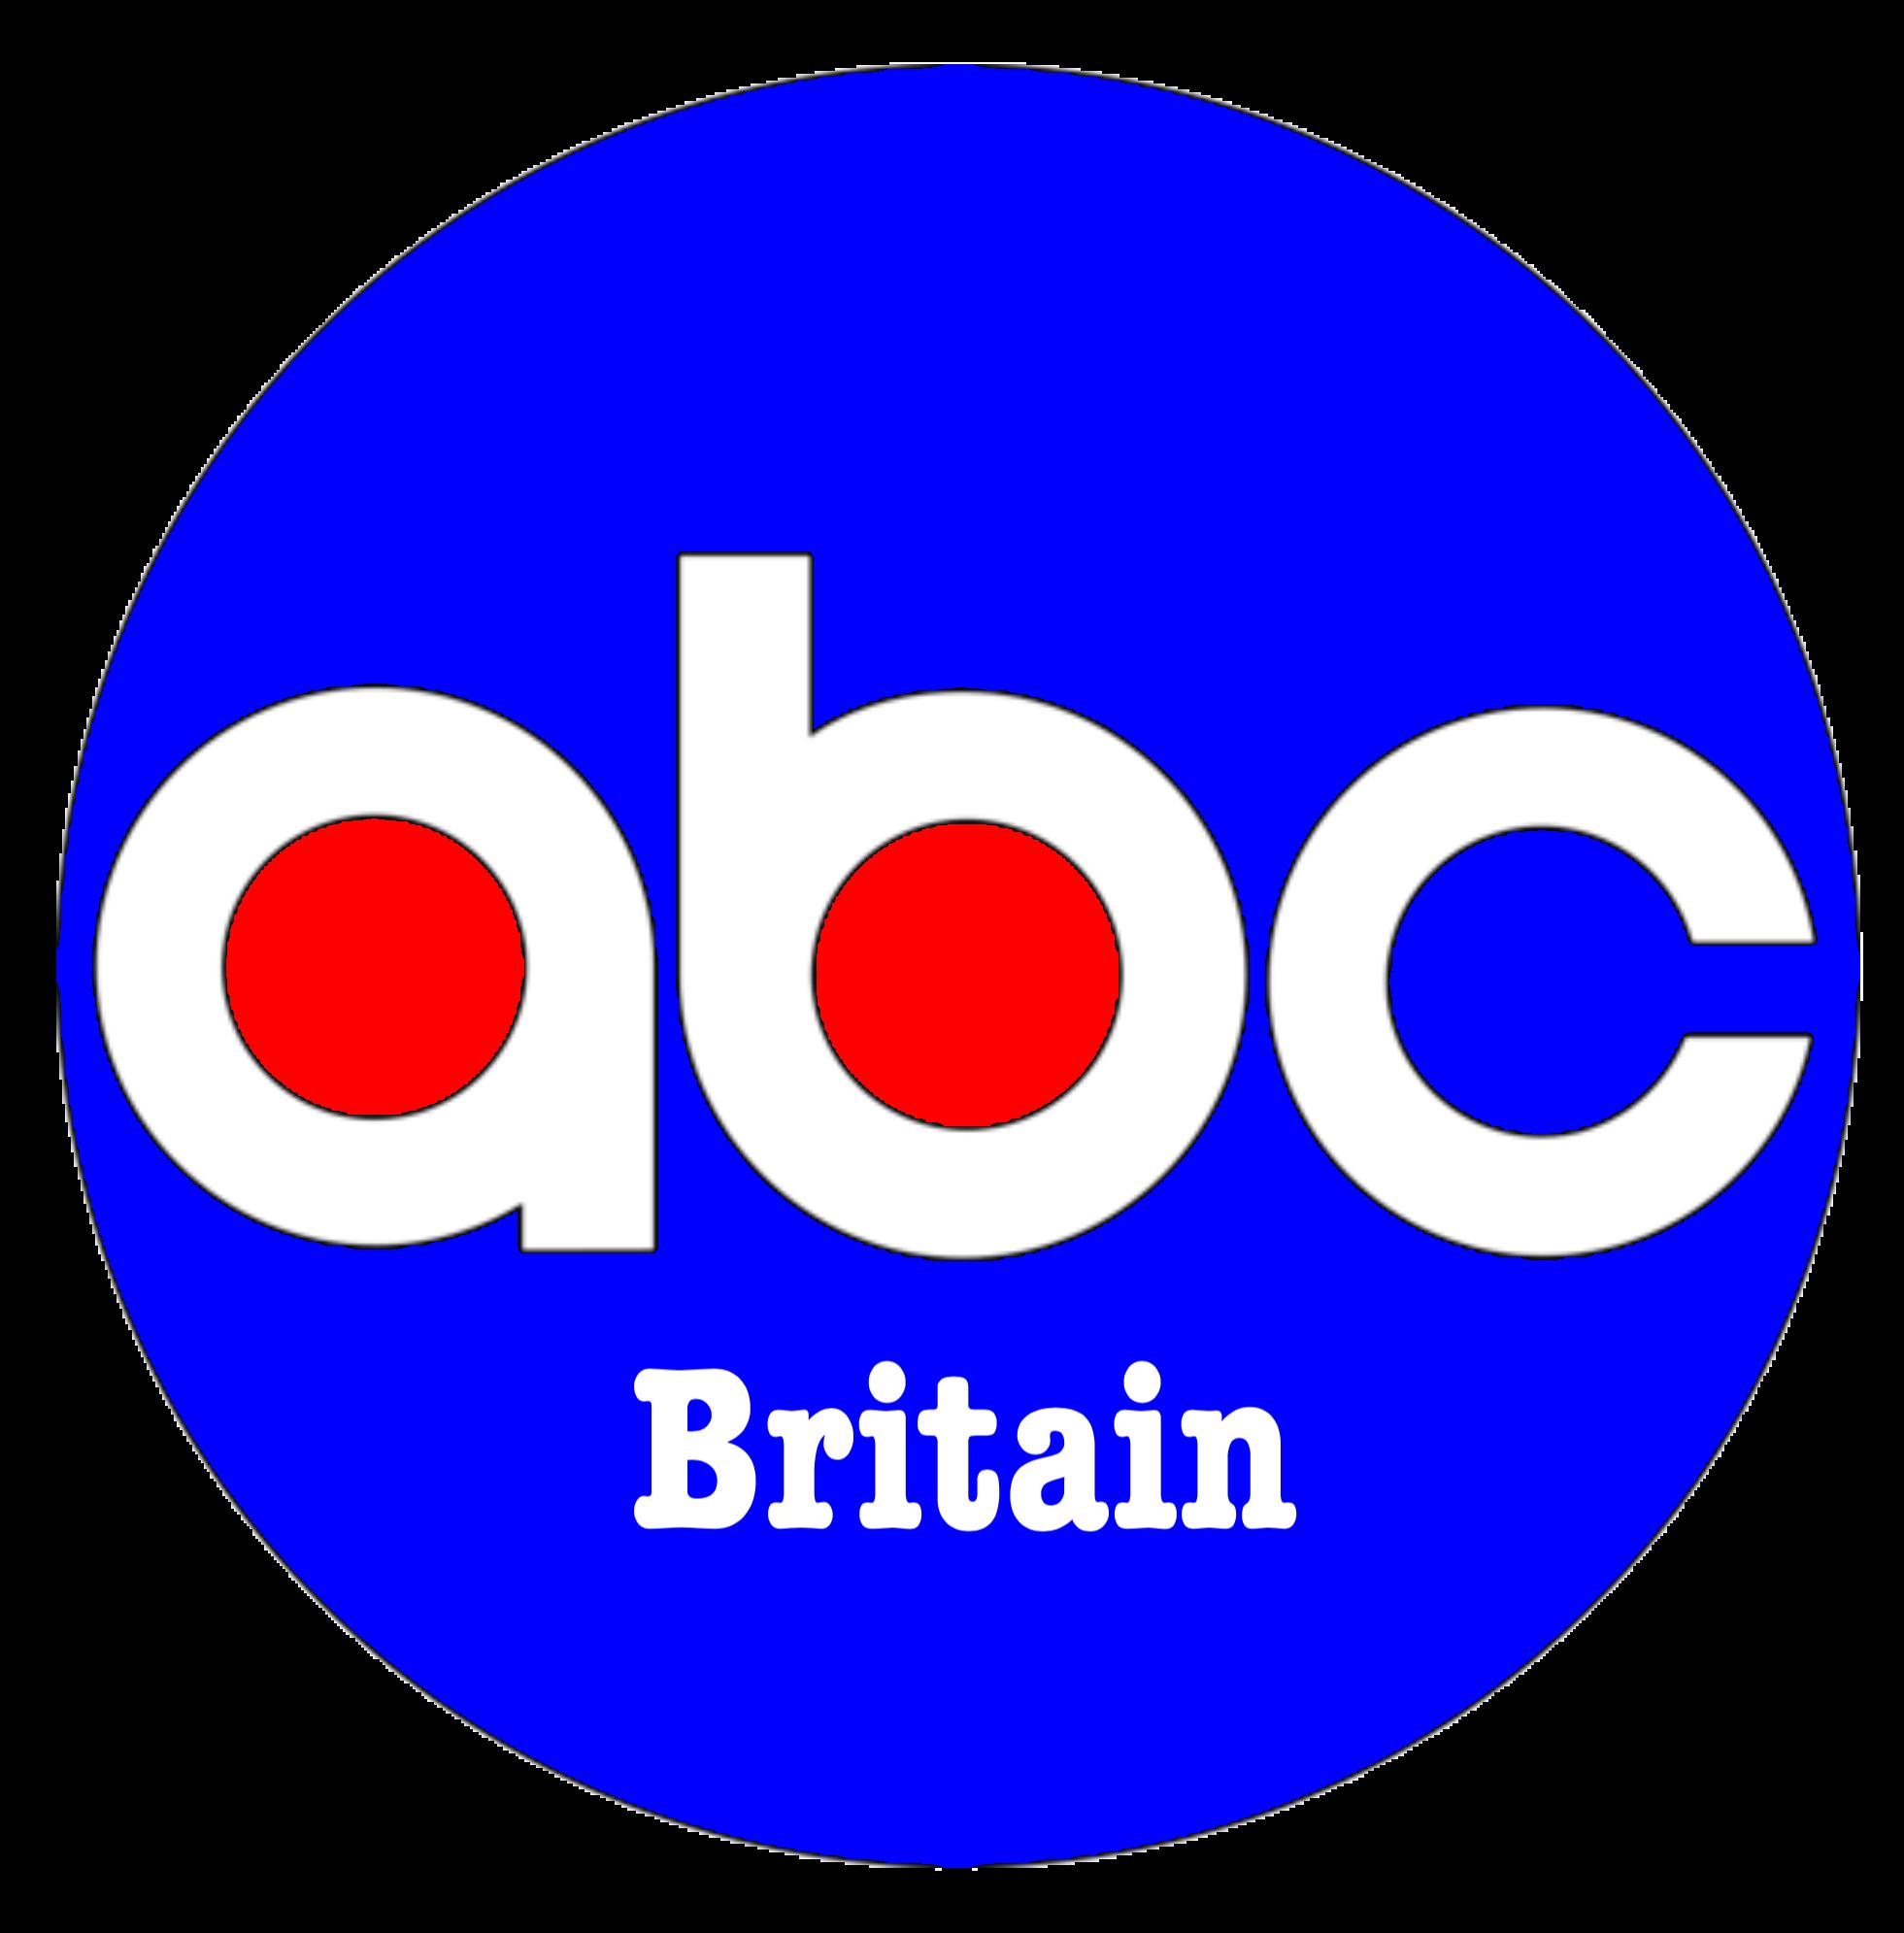 ABC Britain